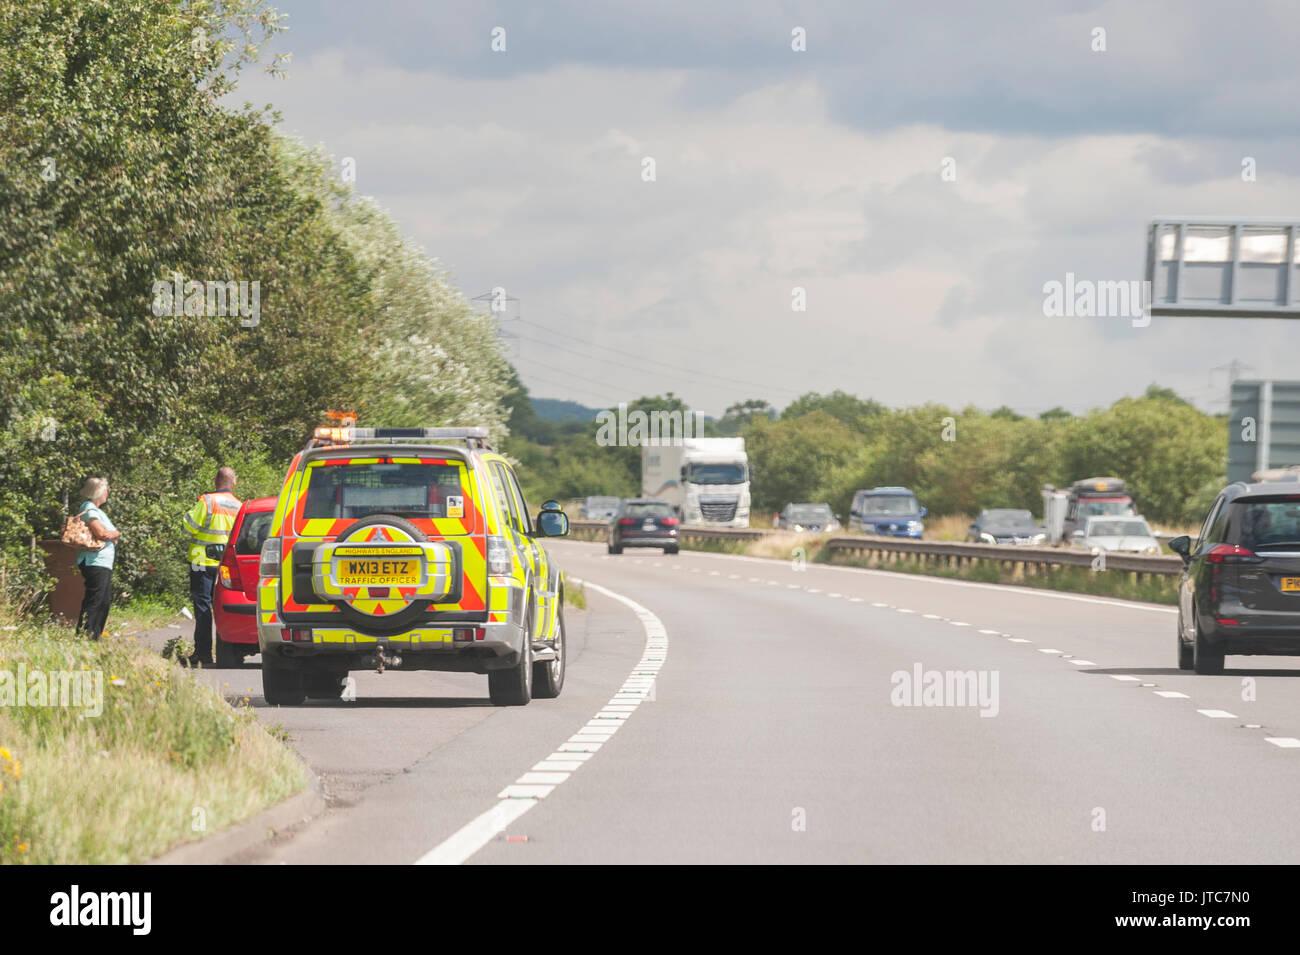 Un traffico autostrade funzionario su una strada principale nel Regno Unito Immagini Stock